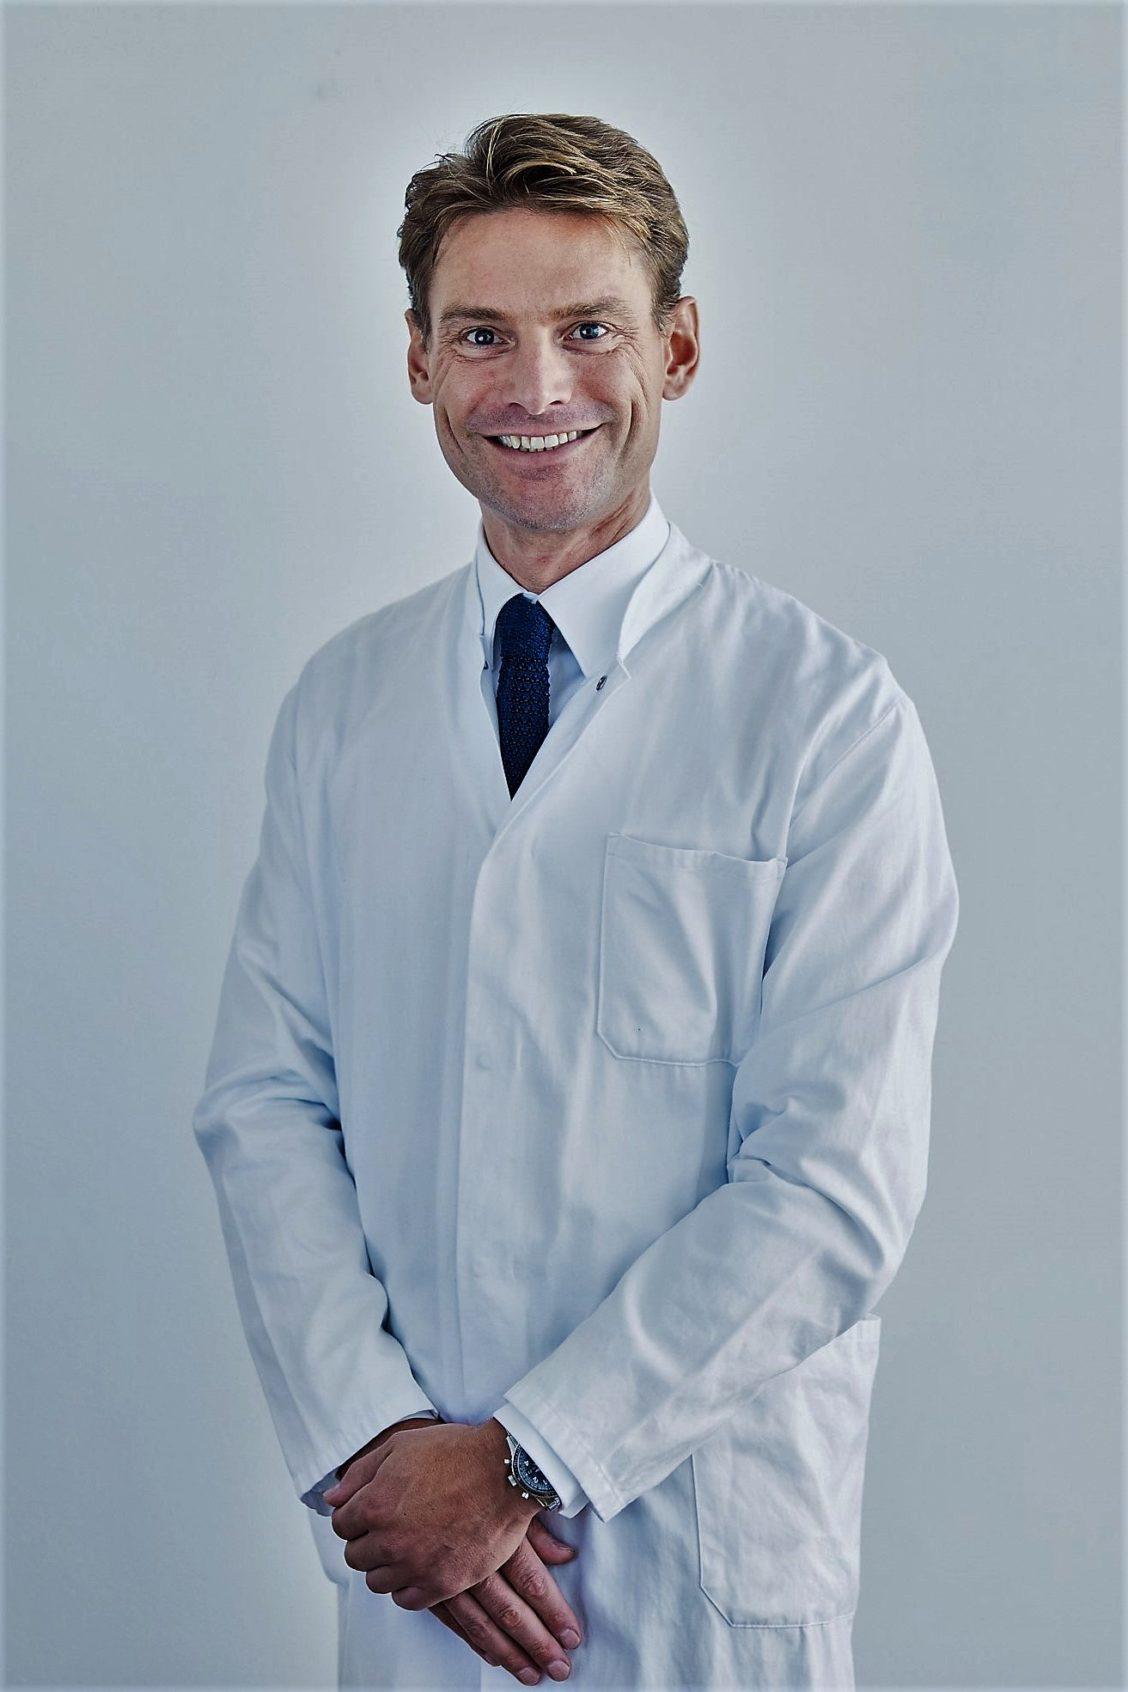 Priv. Doz. Dr. Niclas Broer